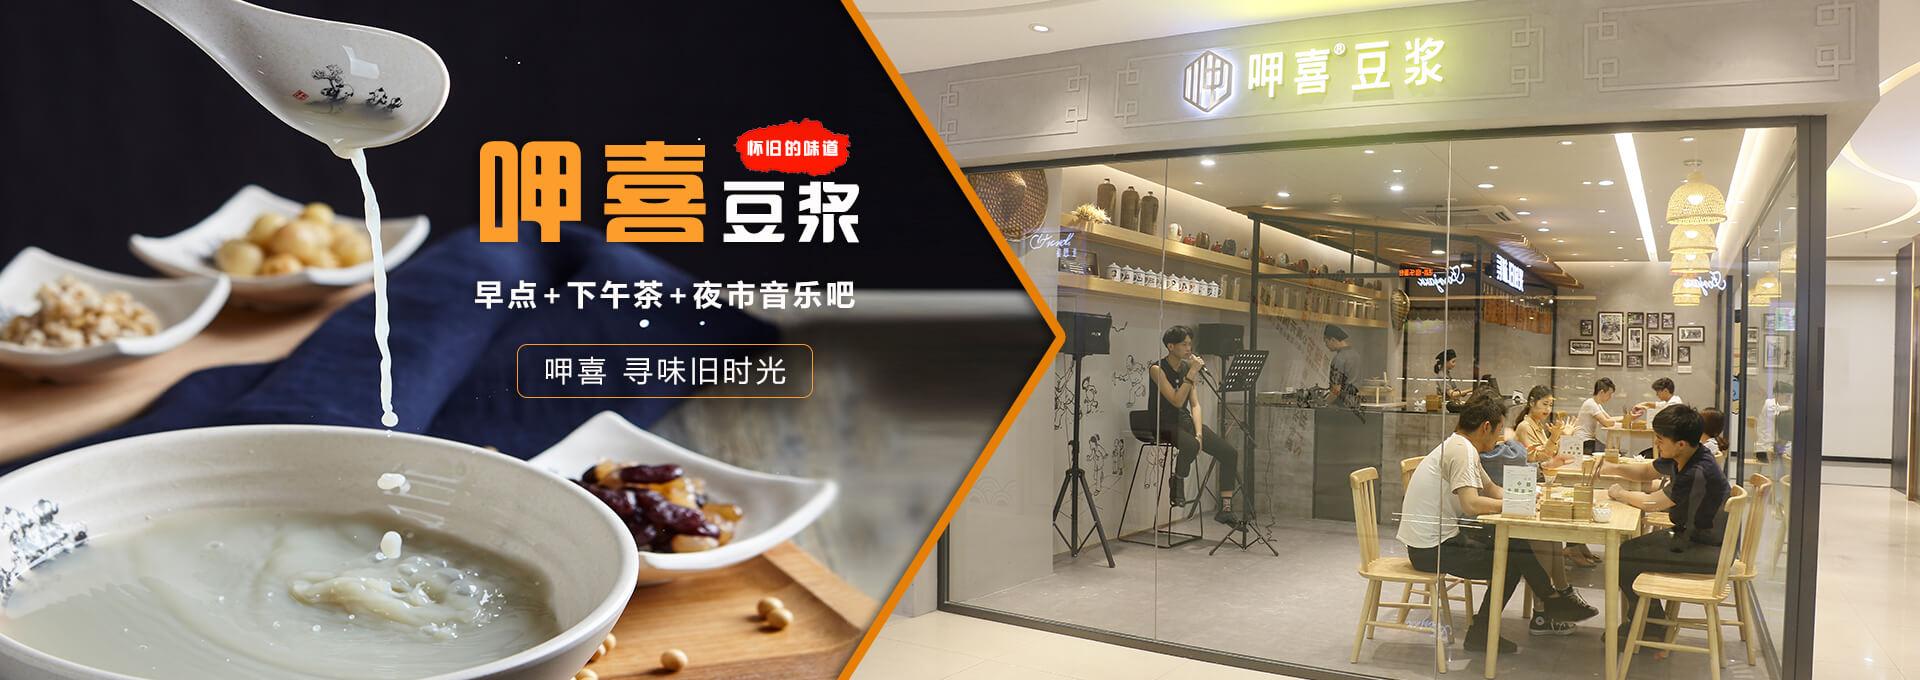 呷喜豆浆创业项目_昌启餐饮油条豆浆加盟